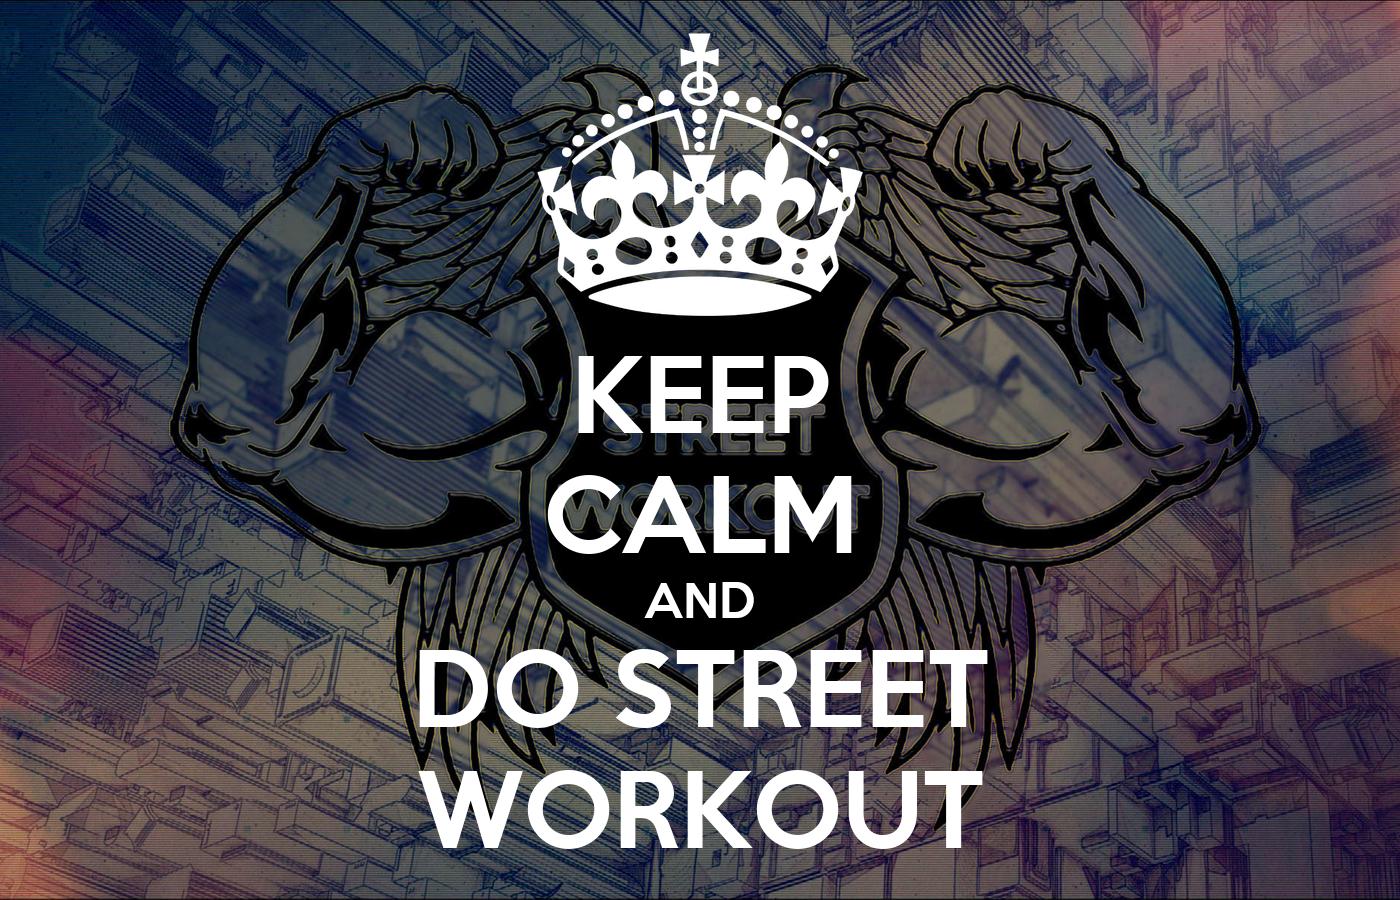 Street Workout Wallpapers - Wallpaper Cave |Street Workout Wallpaper